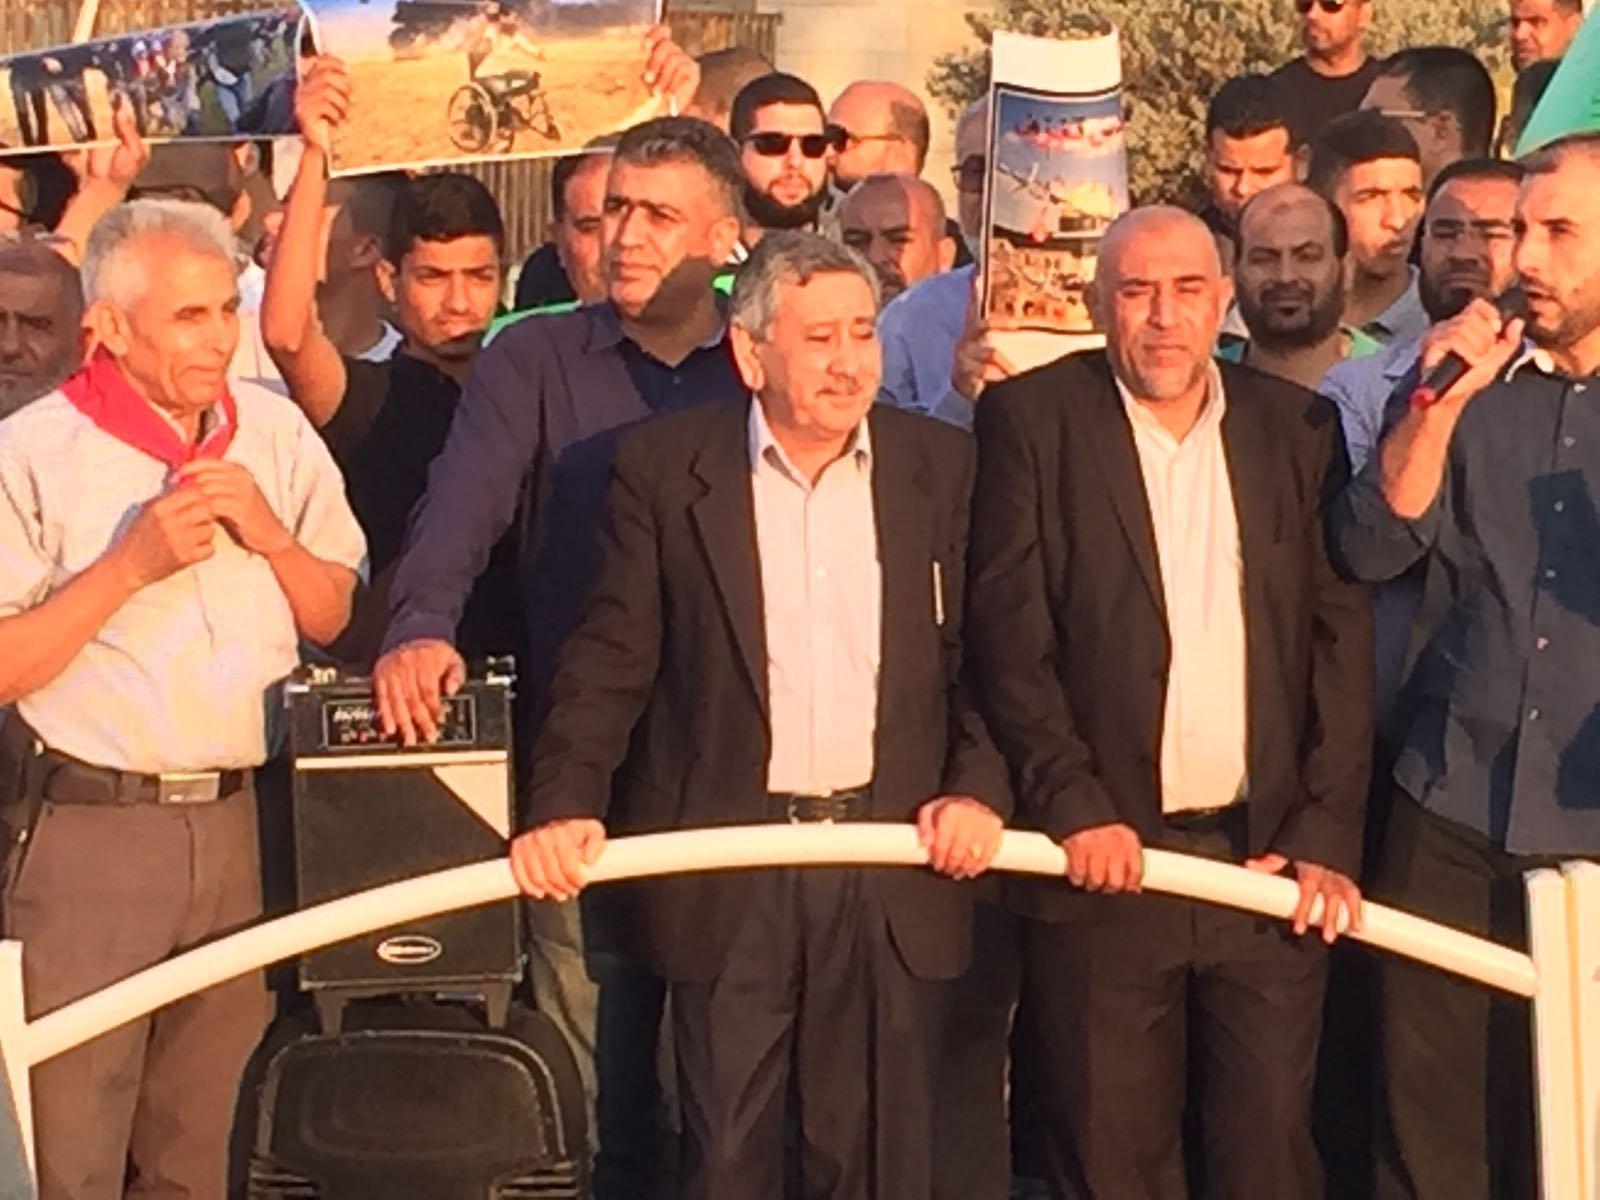 أبو عرار: على الجميع أن يقف مع الاهل في غزة من موقعه وبقدرته ولو بالكلمة المؤثرة أو بالمال...